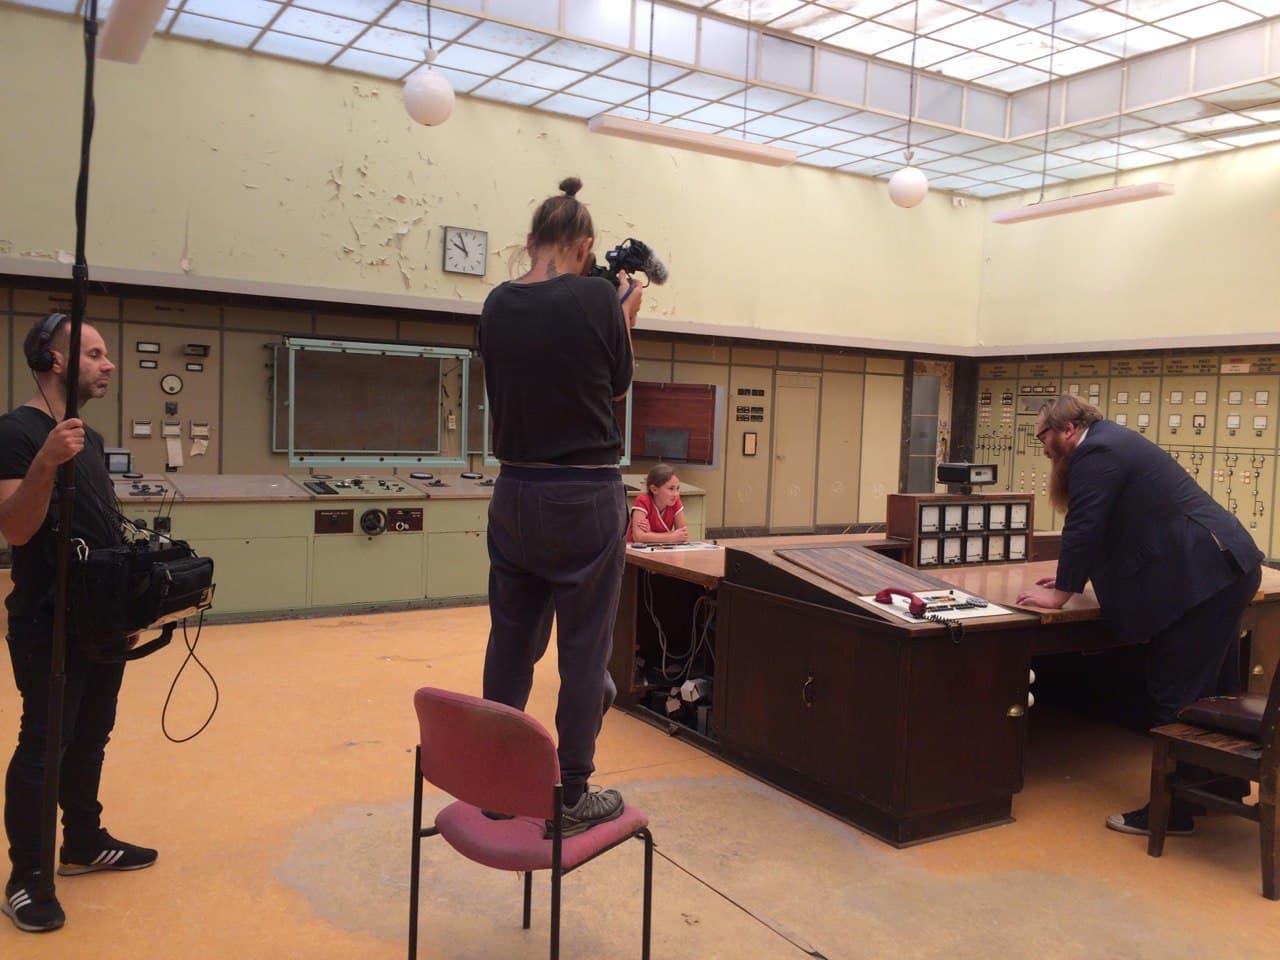 Doro sitzt am Kontrolltisch eines Kraftwerks und wird von drei Erwachsenen gefilmt.